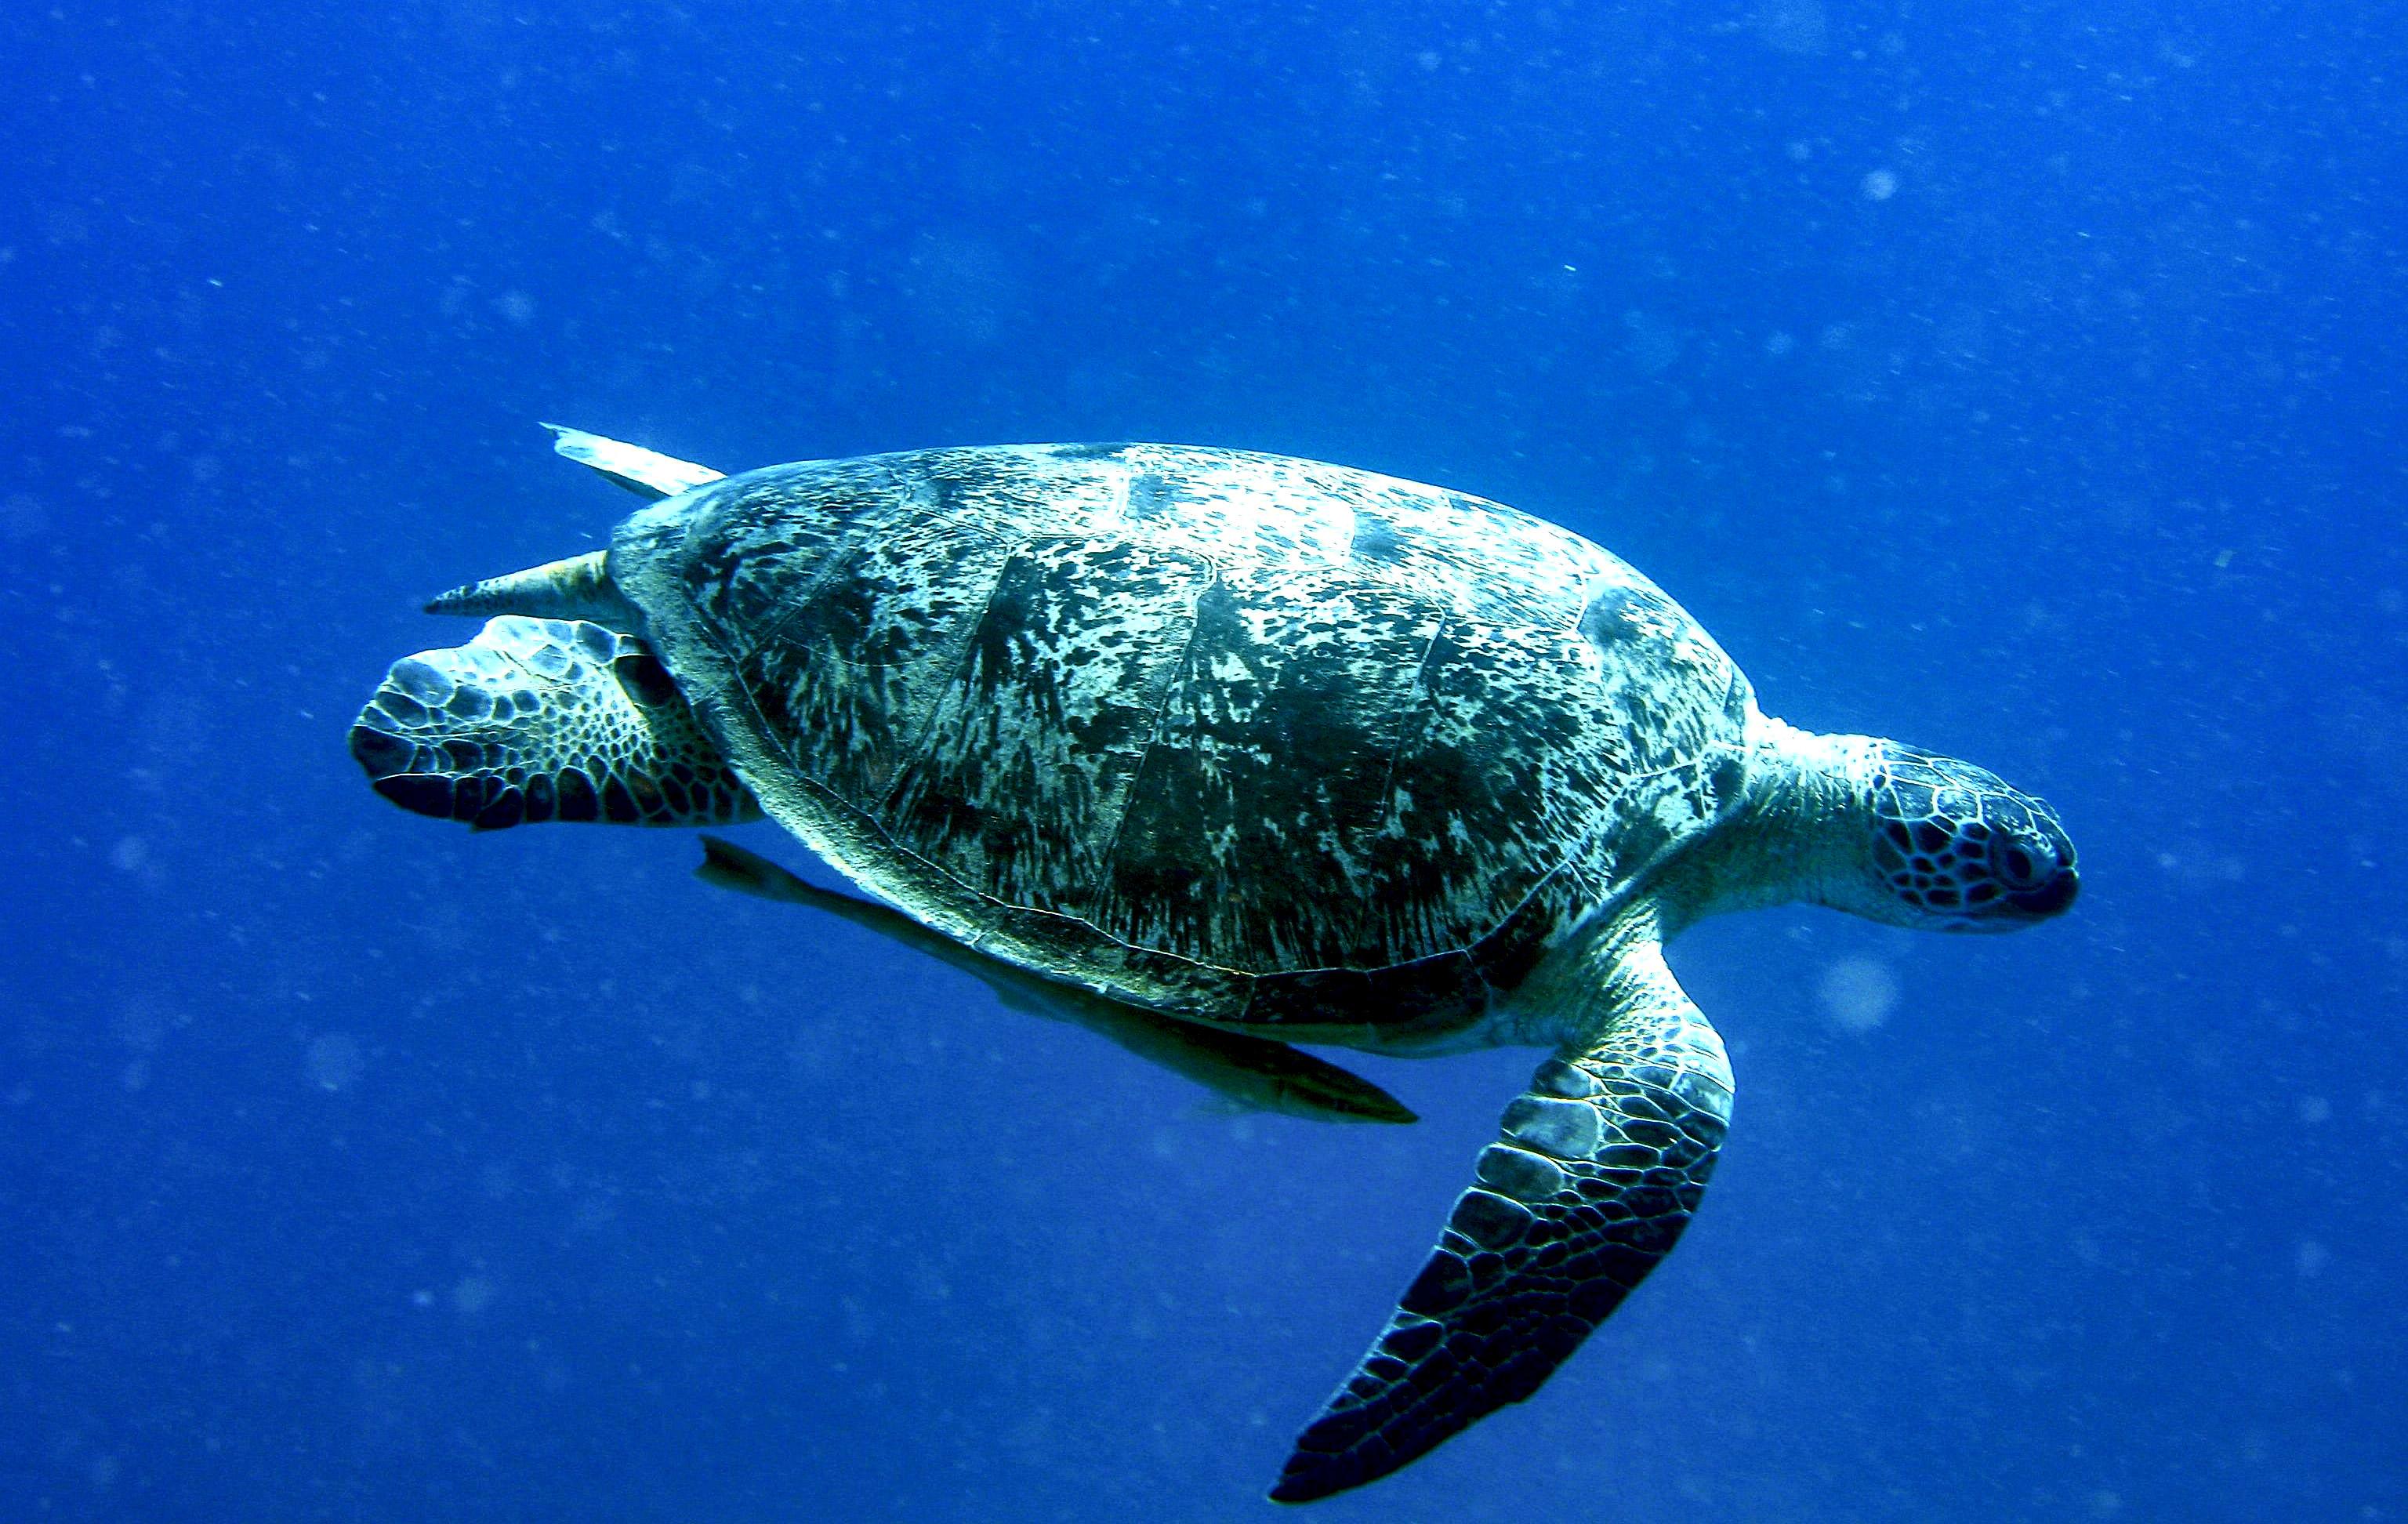 Grüne Meeresschildkröte, unter ihr schwimmt ein Begleitfisch (Bildausschnitt)